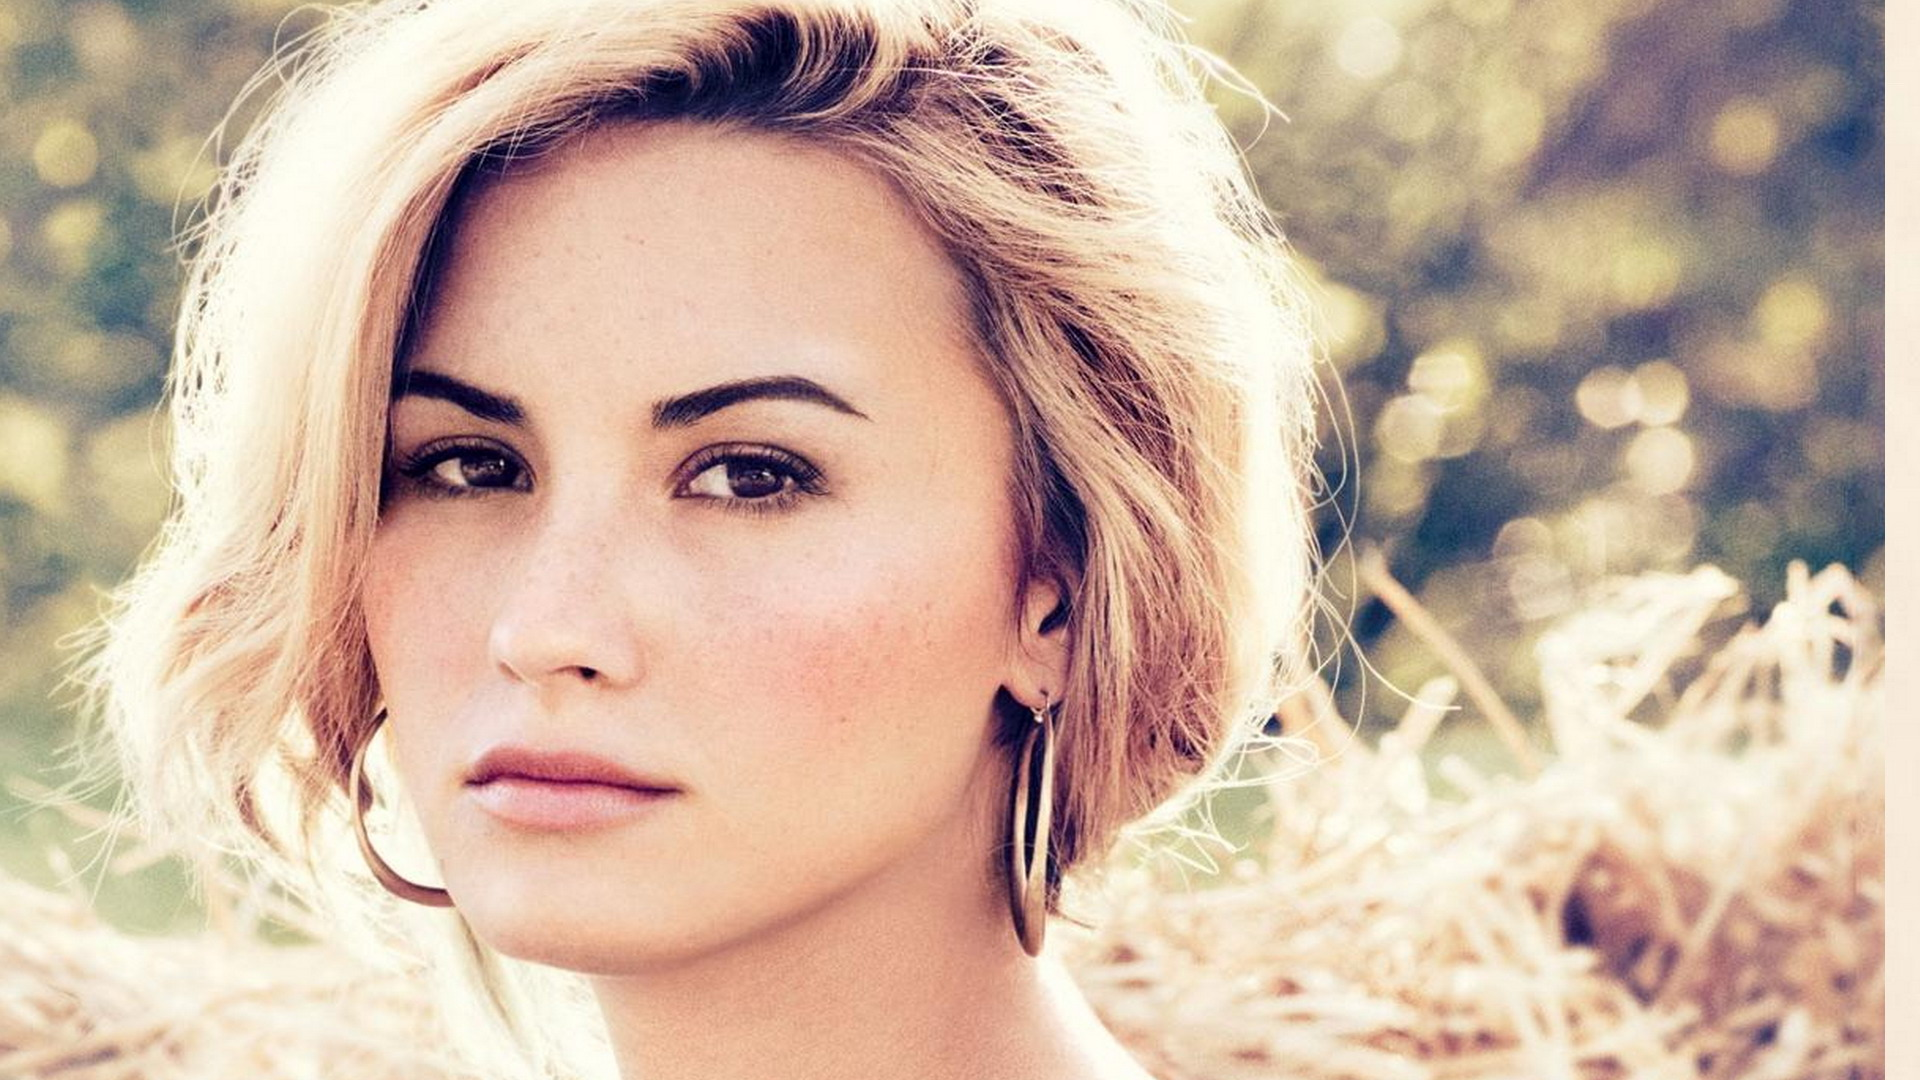 Lovato Wallpaper   Demi Lovato Wallpaper 32700832 1920x1080